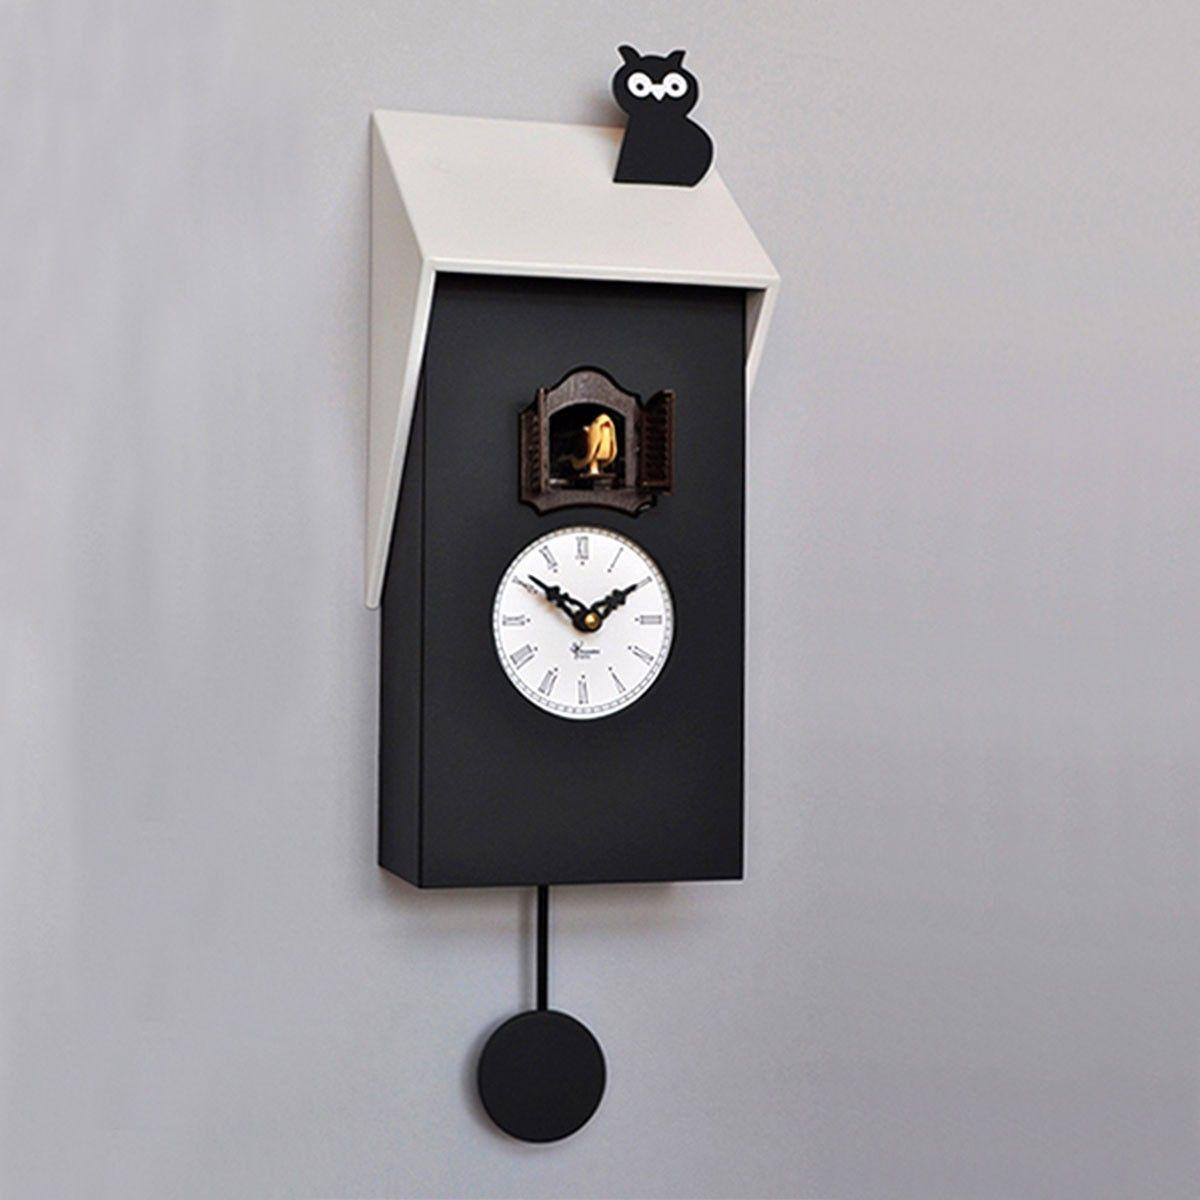 orologio-cucu-moderno-civetta